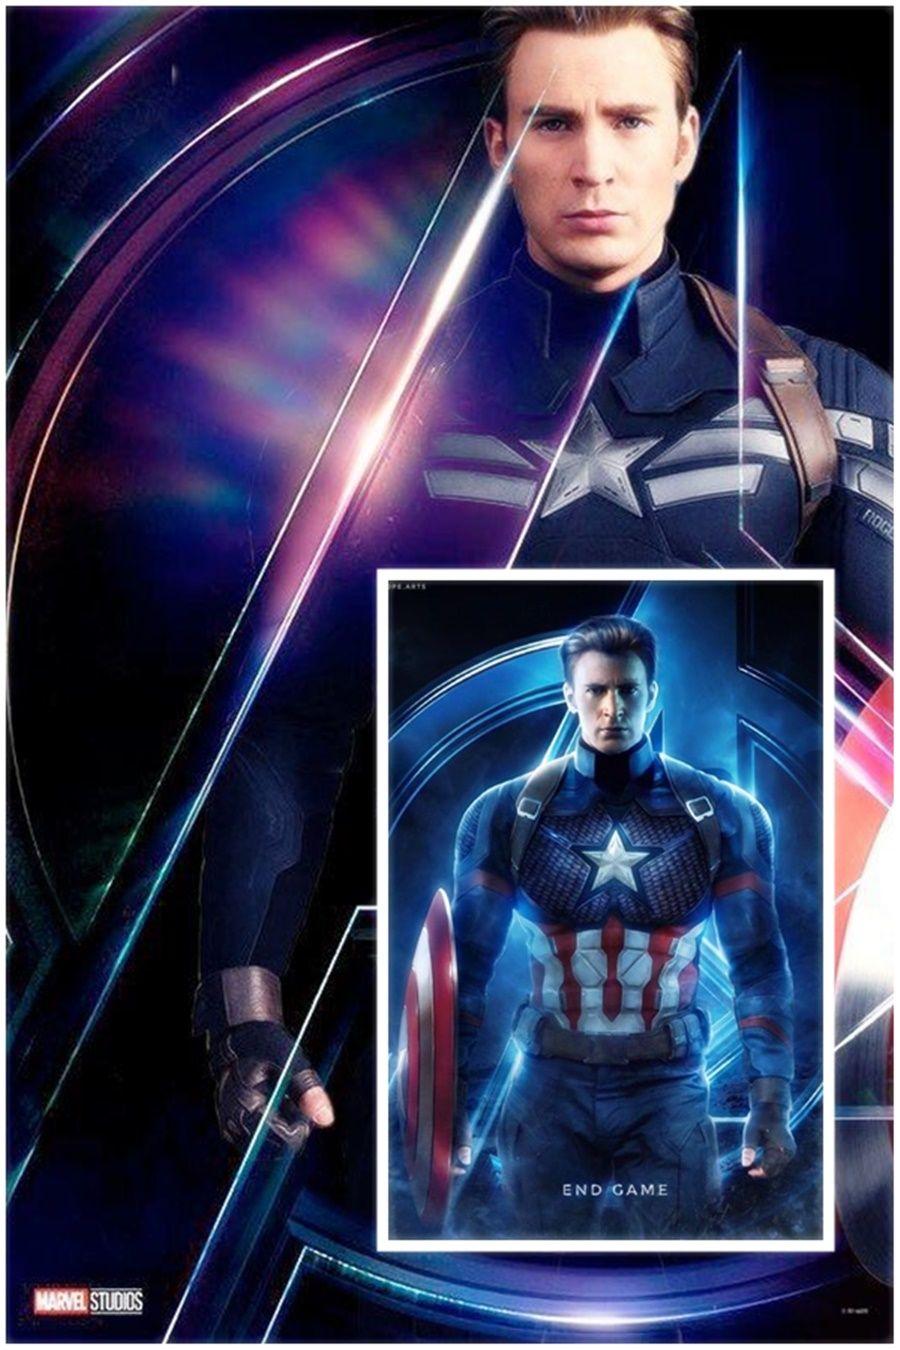 Avengers Endgame Movie 2019 Films Complets Avengers Film Film Francais